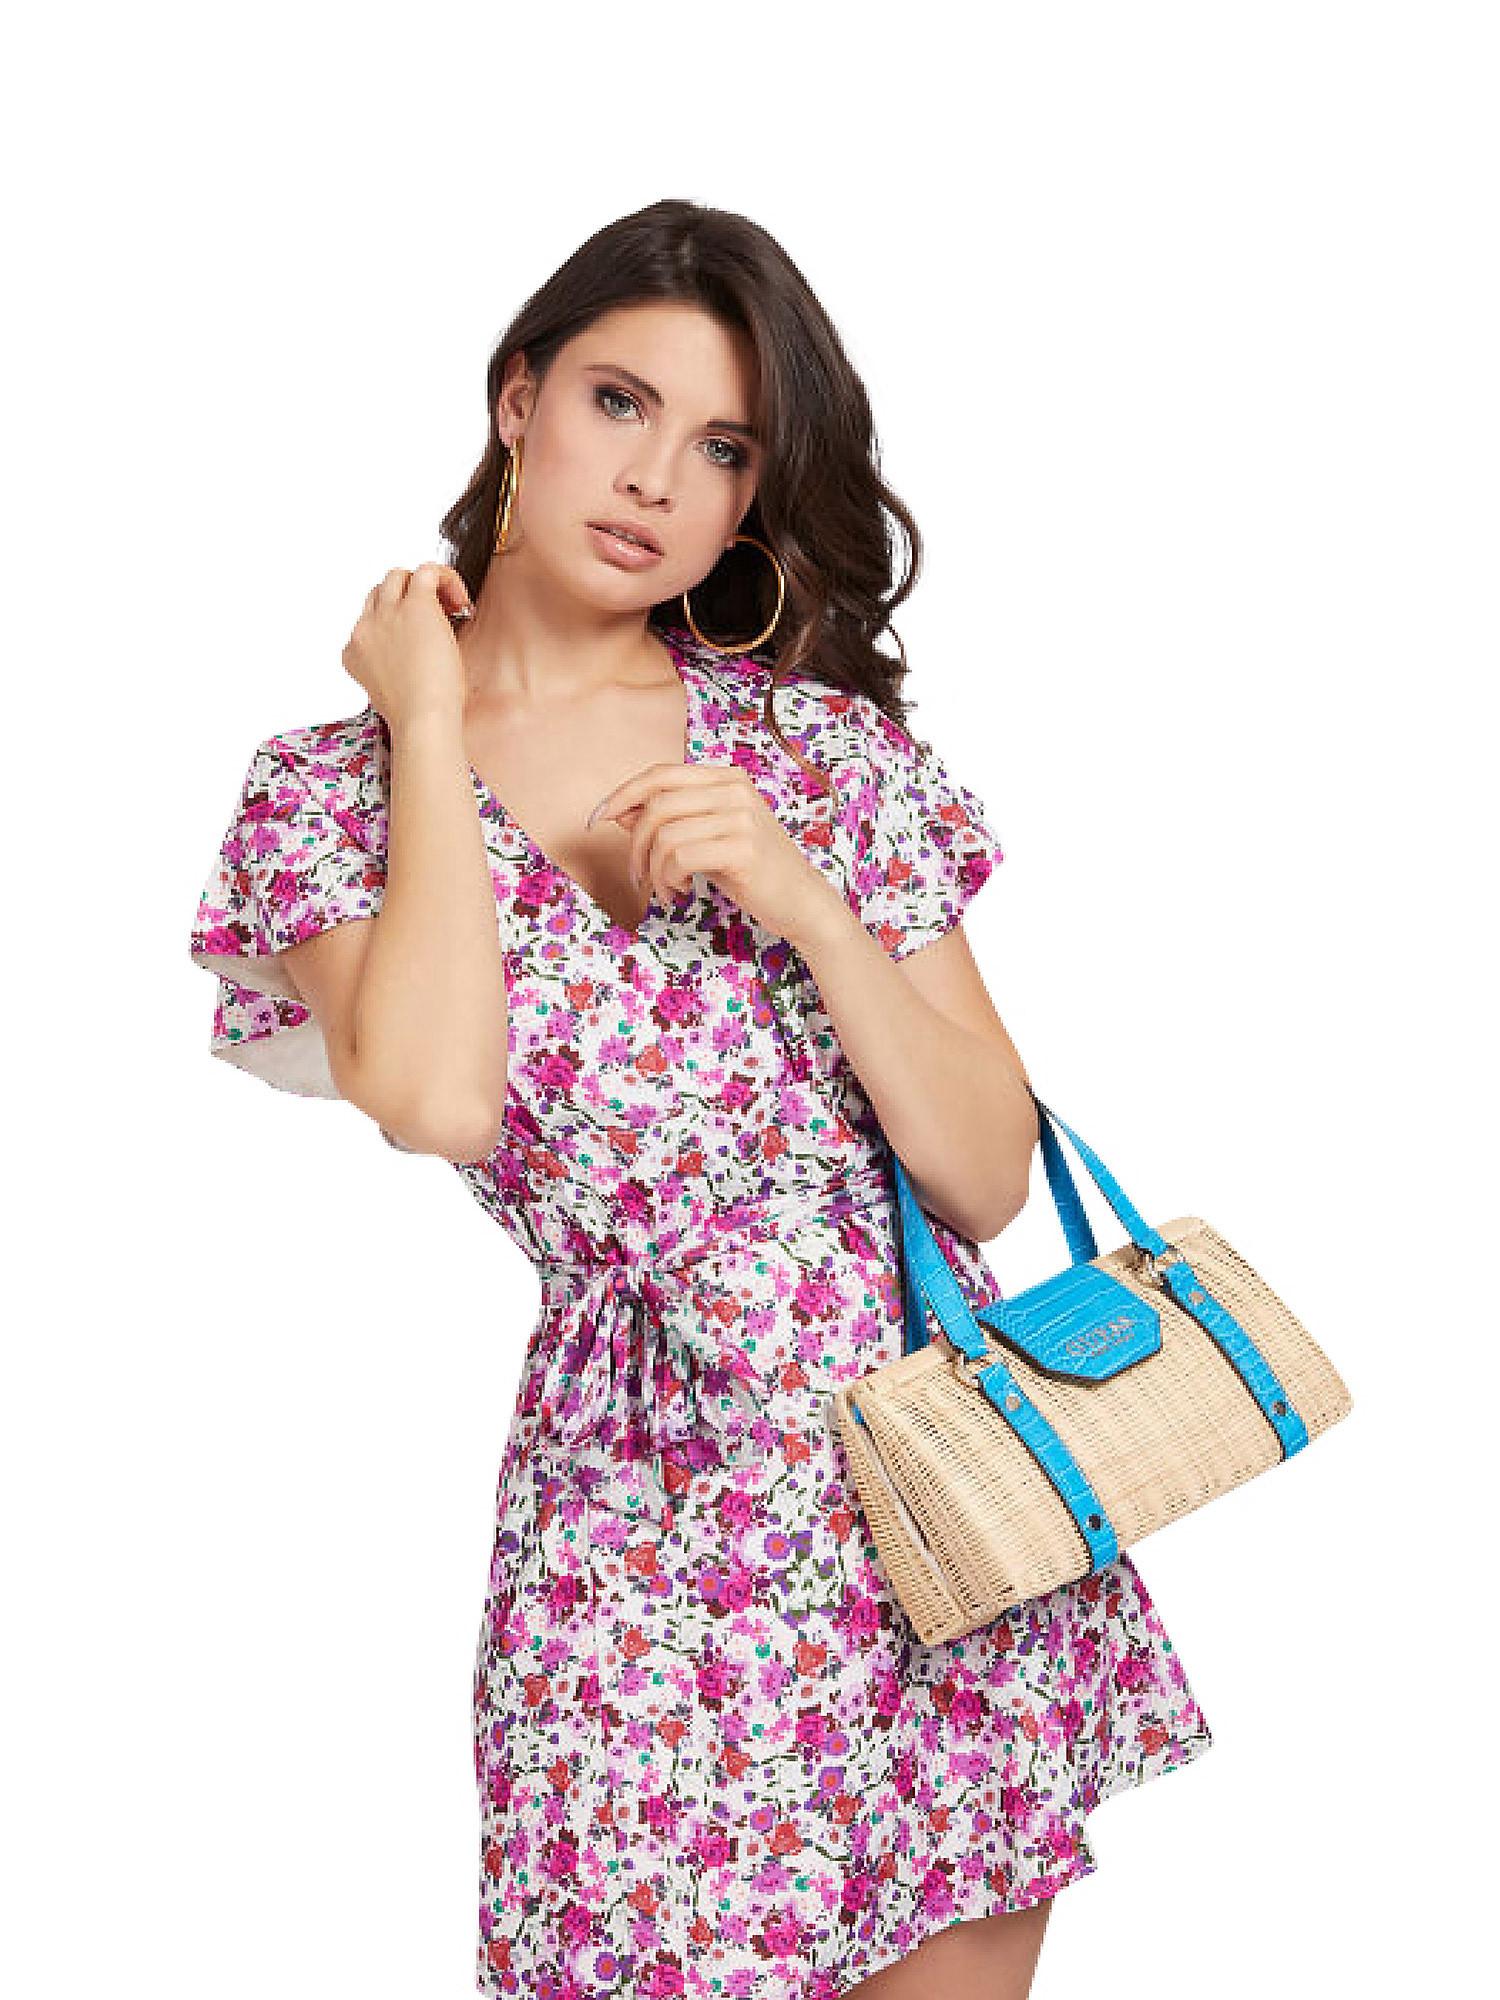 Paloma Satchel Bag, Blu, large image number 3